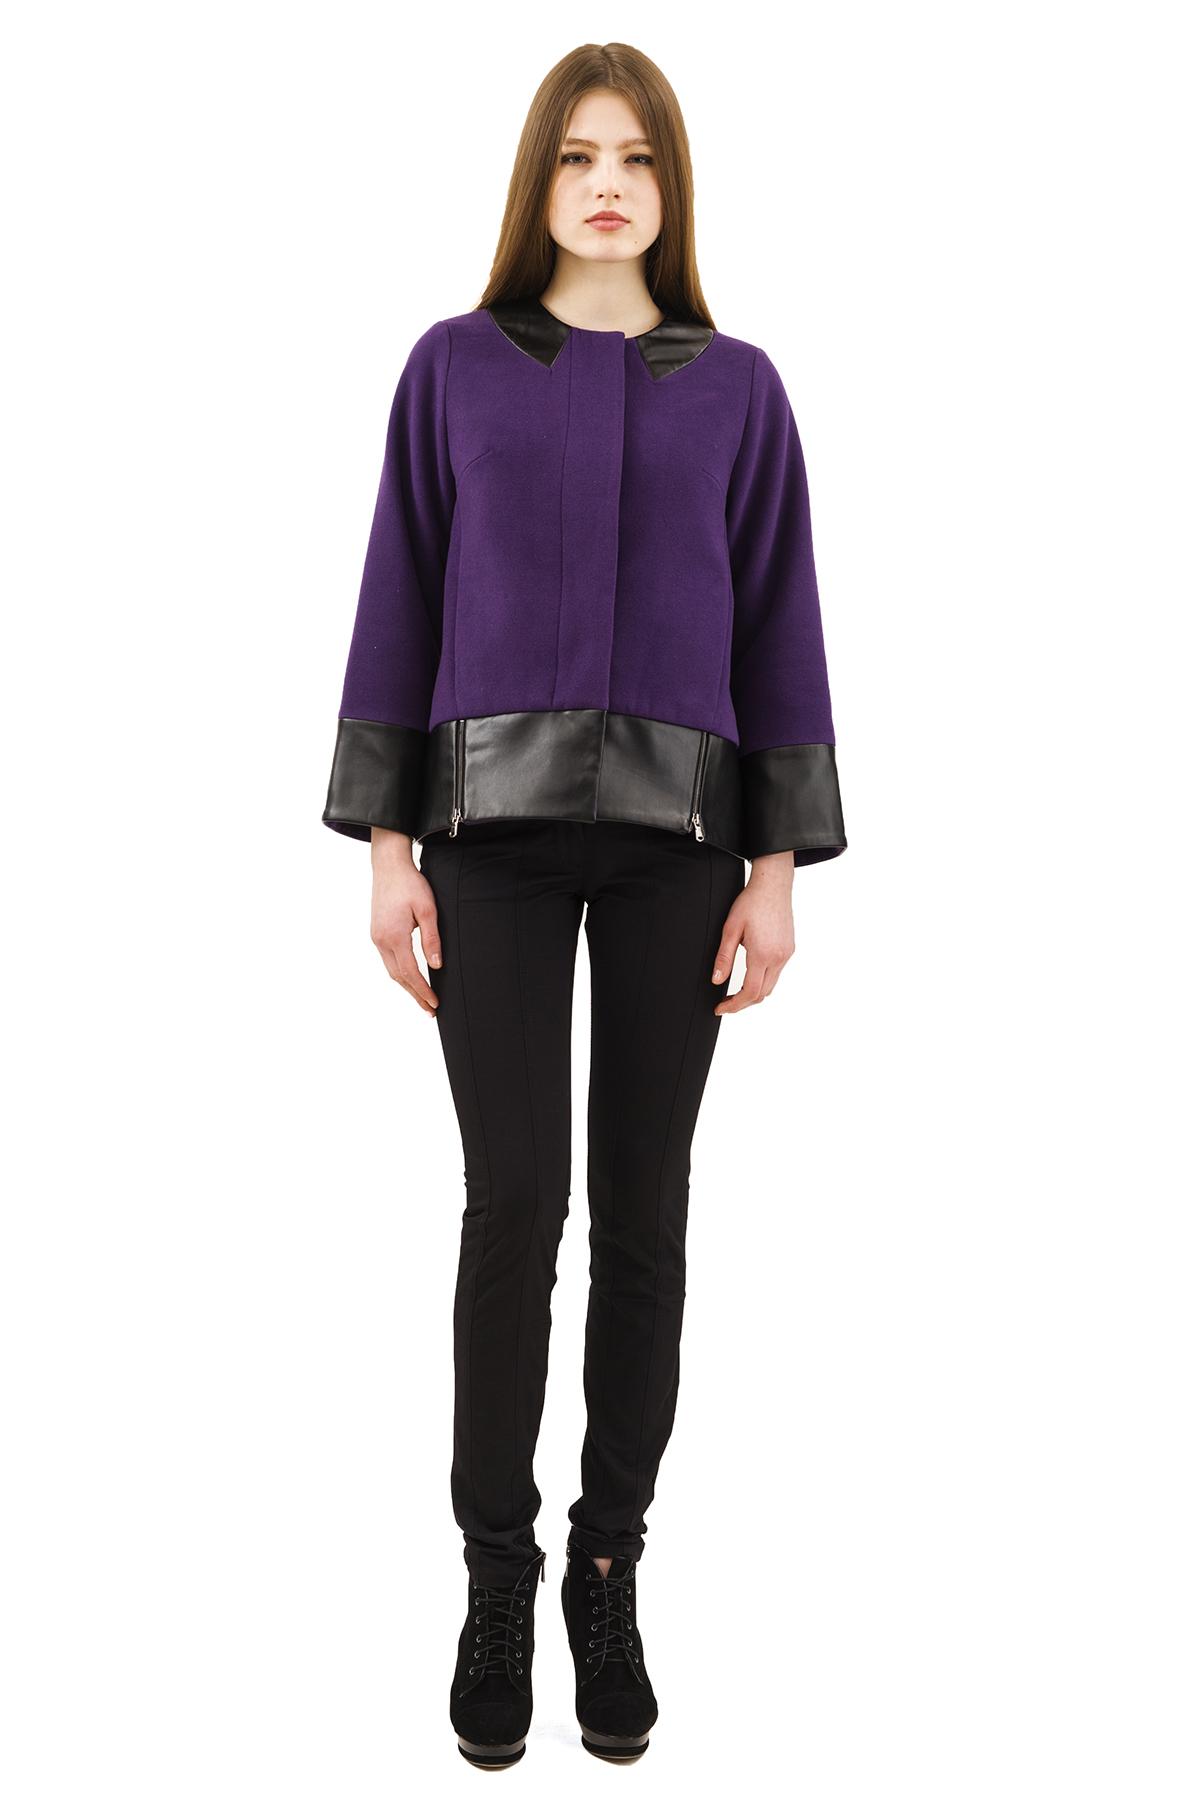 КурткаЖенские куртки, плащи, пальто<br>Стильная куртка для современных жительниц мегаполиса. Выполнена из высококачественного комфортного материала. Эта вещь станет идеальным вариантом для создания современного образа любой девушки.<br><br>Цвет: фиолетовый<br>Состав: 15% шерсть, 2%эластан, 18%вискоза ,65% полиэстер<br>Размер: 40,42,44,46,48,50,52,54,56,58<br>Страна дизайна: Россия<br>Страна производства: Россия